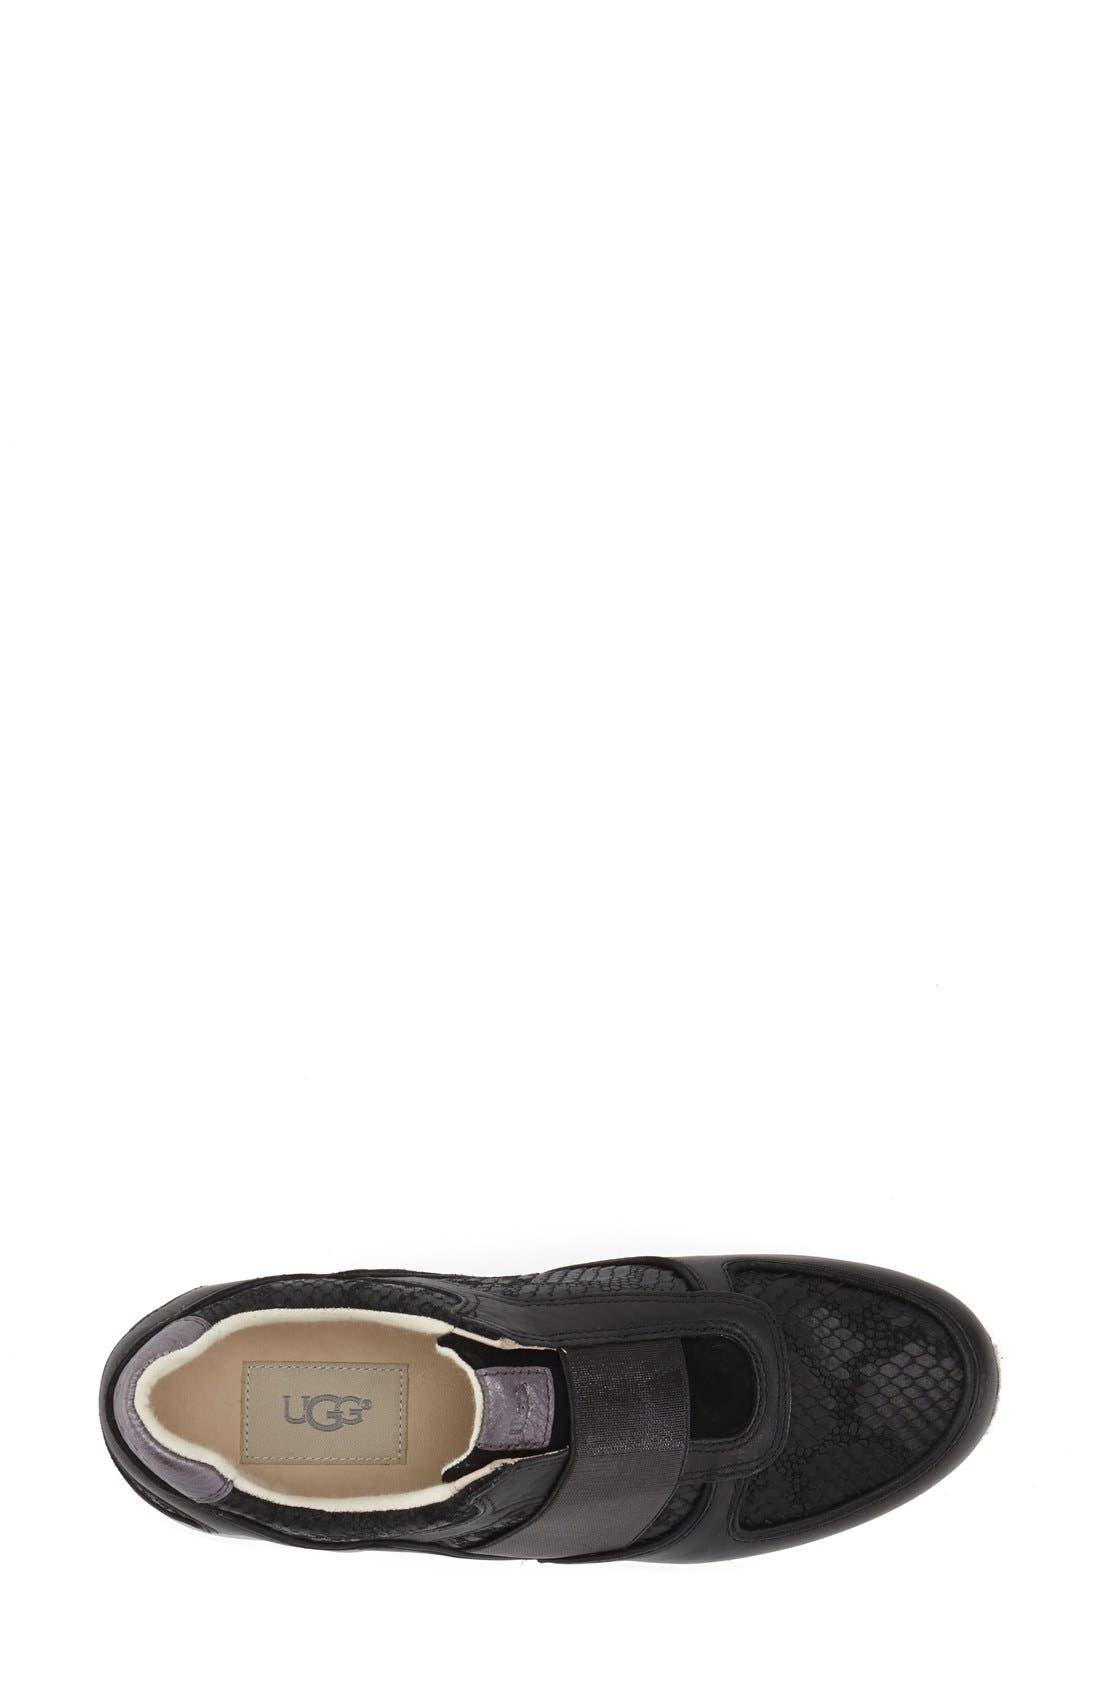 'Annetta' Slip-On Sneaker,                             Alternate thumbnail 2, color,                             Black Leather